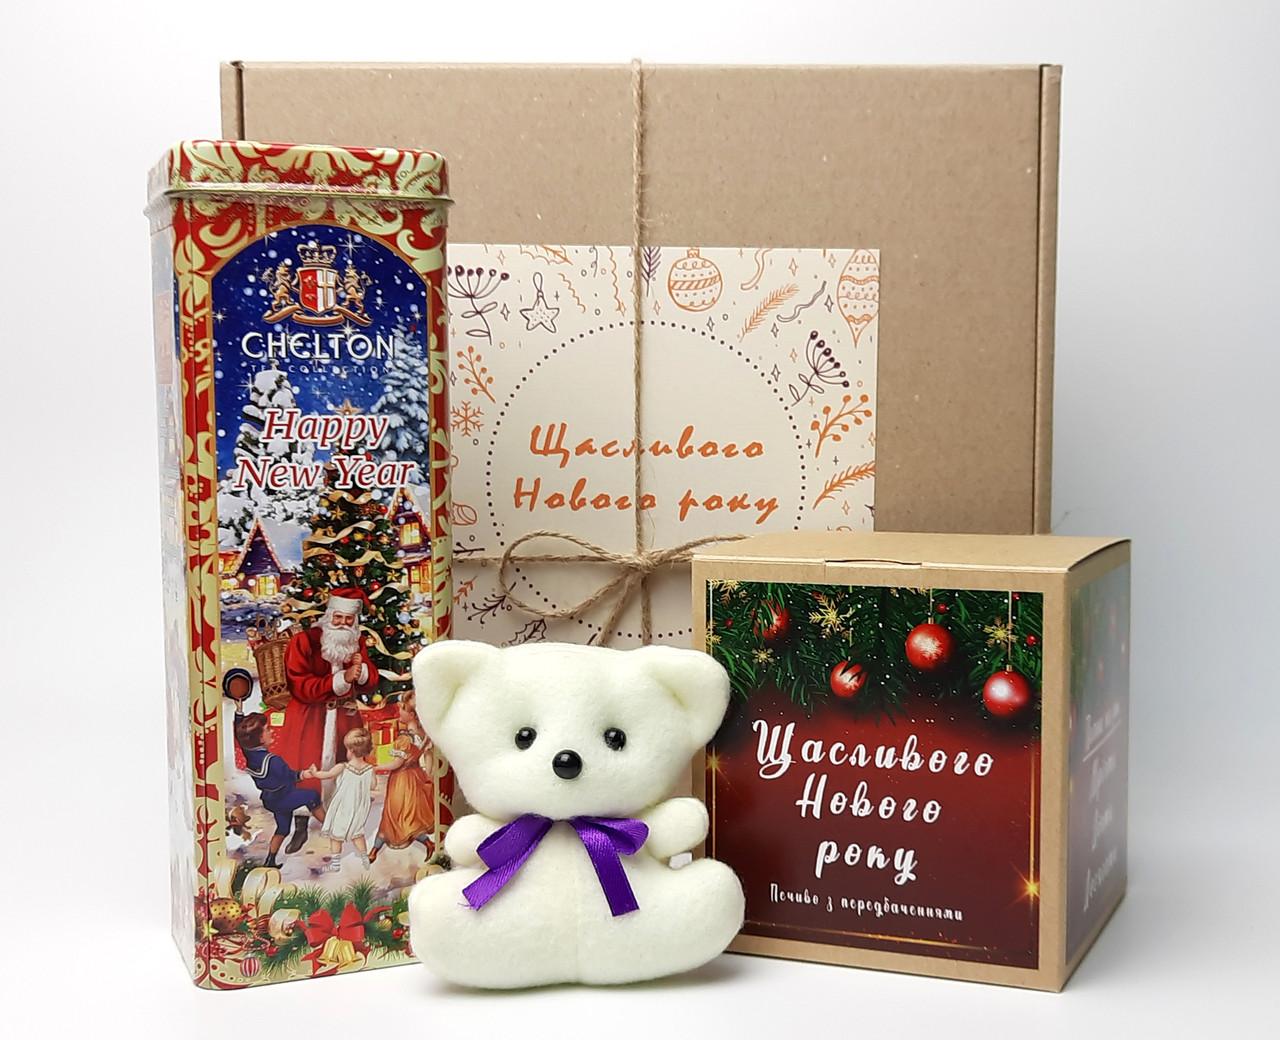 """Бокс новогодний  """"Мой медвежонок"""": новогоднее печенье с предсказаниями, набор чая, междвежонок-талисман"""